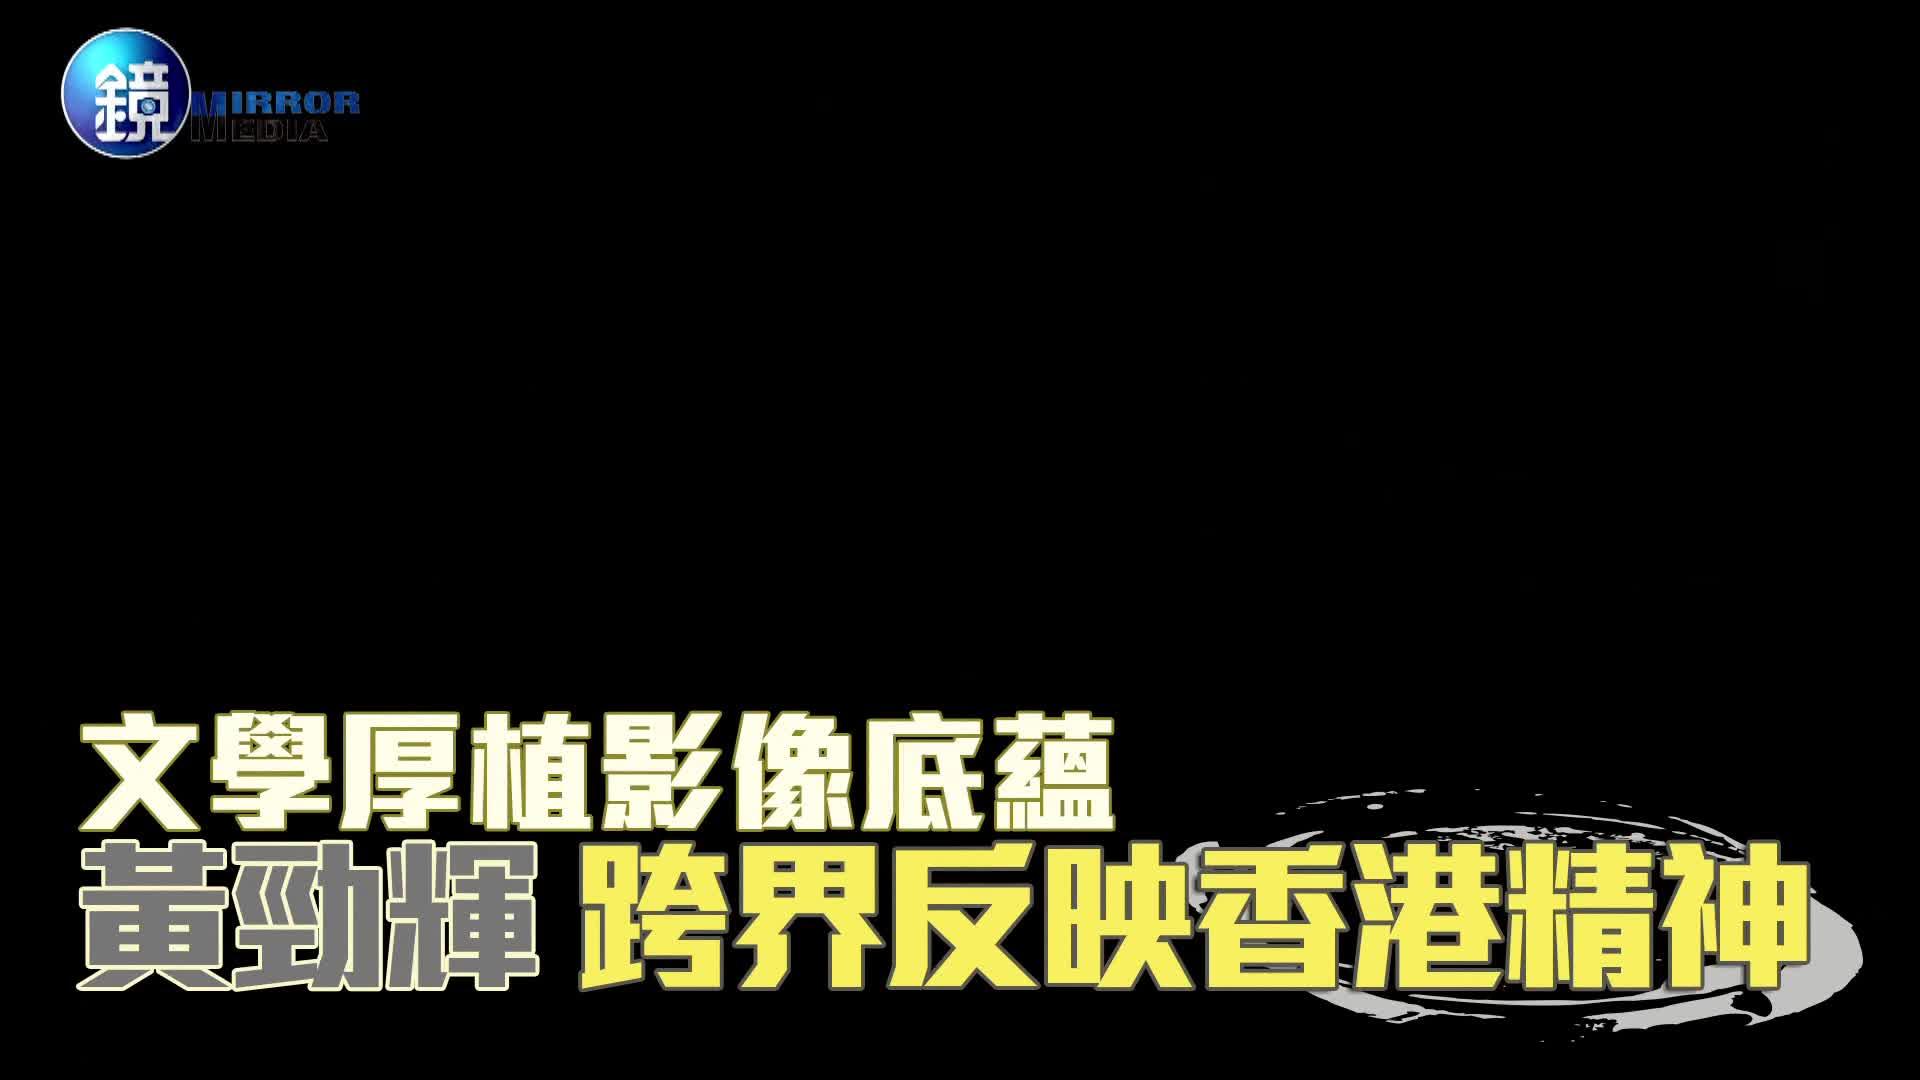 娛樂透視》 文學厚植影像底蘊 黃勁輝 跨界反映香港精神